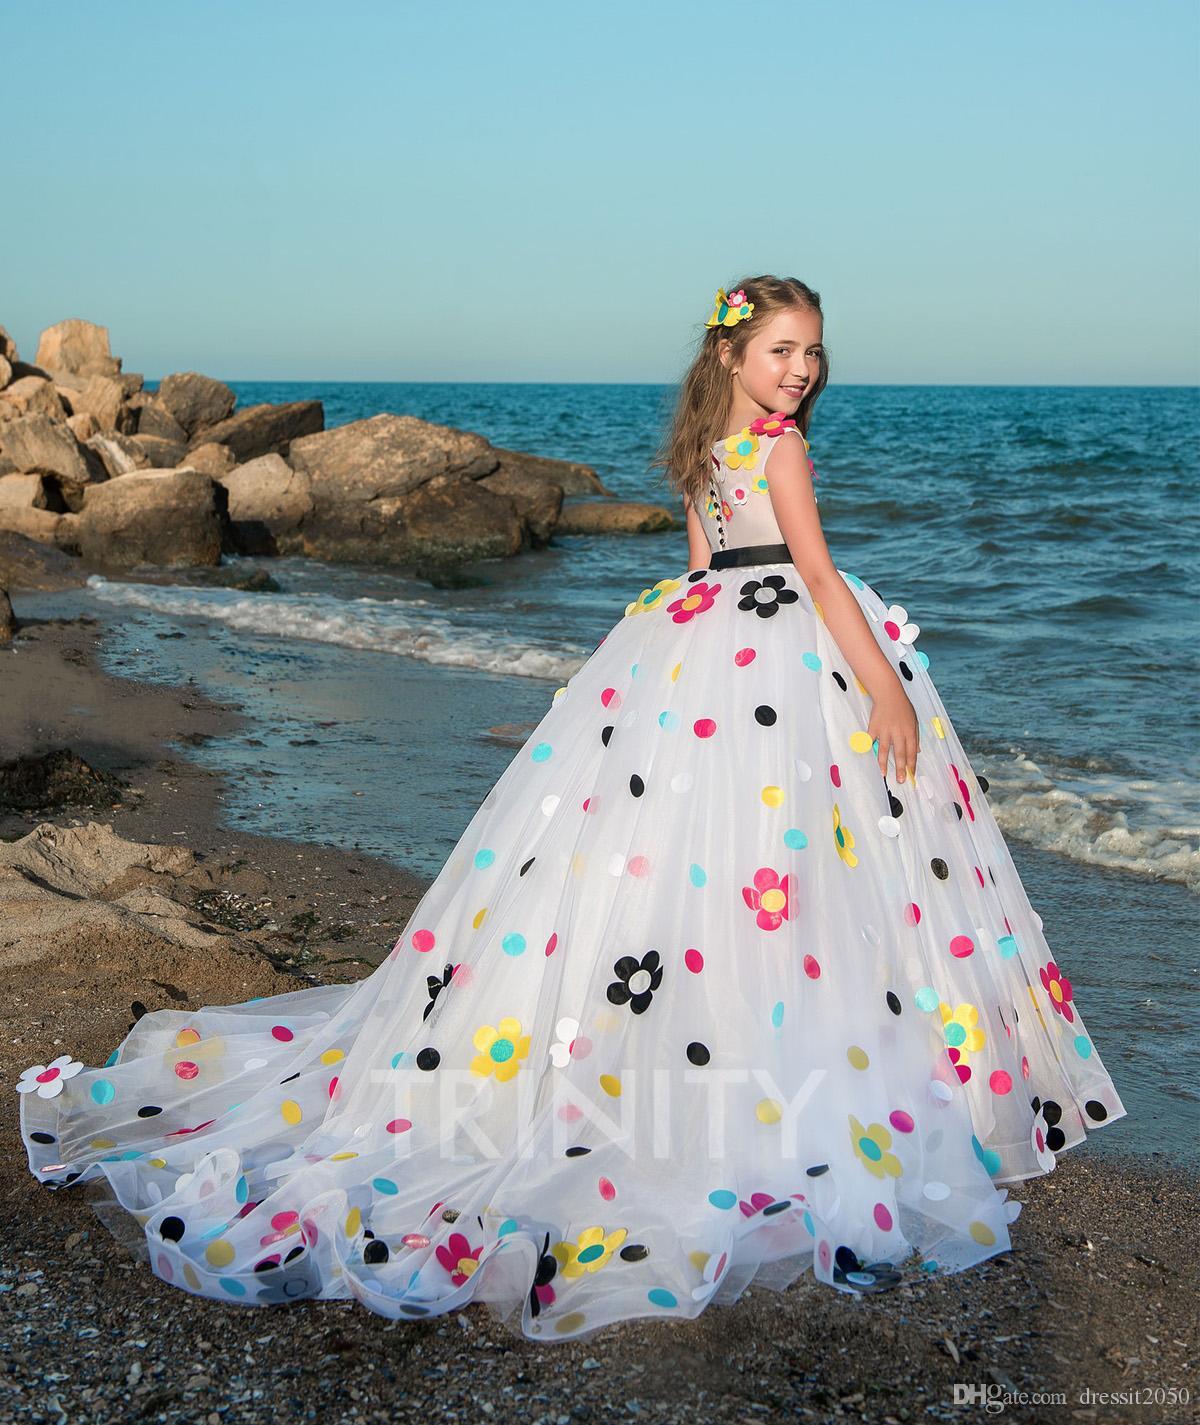 Jolies Tulle Blanc Applique Plage Robes De Fille De Fleur Filles Pageant Robes Fêtes / Robe D'anniversaire / Jupe Taille Personnalisée 2-14 DF711379